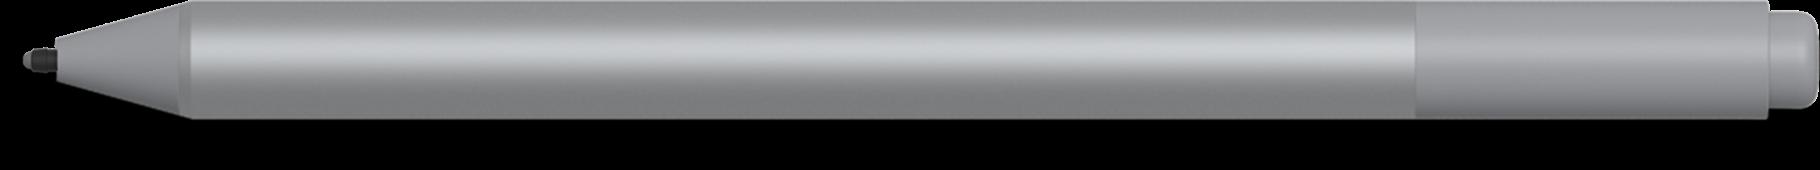 Surface Pen - Black